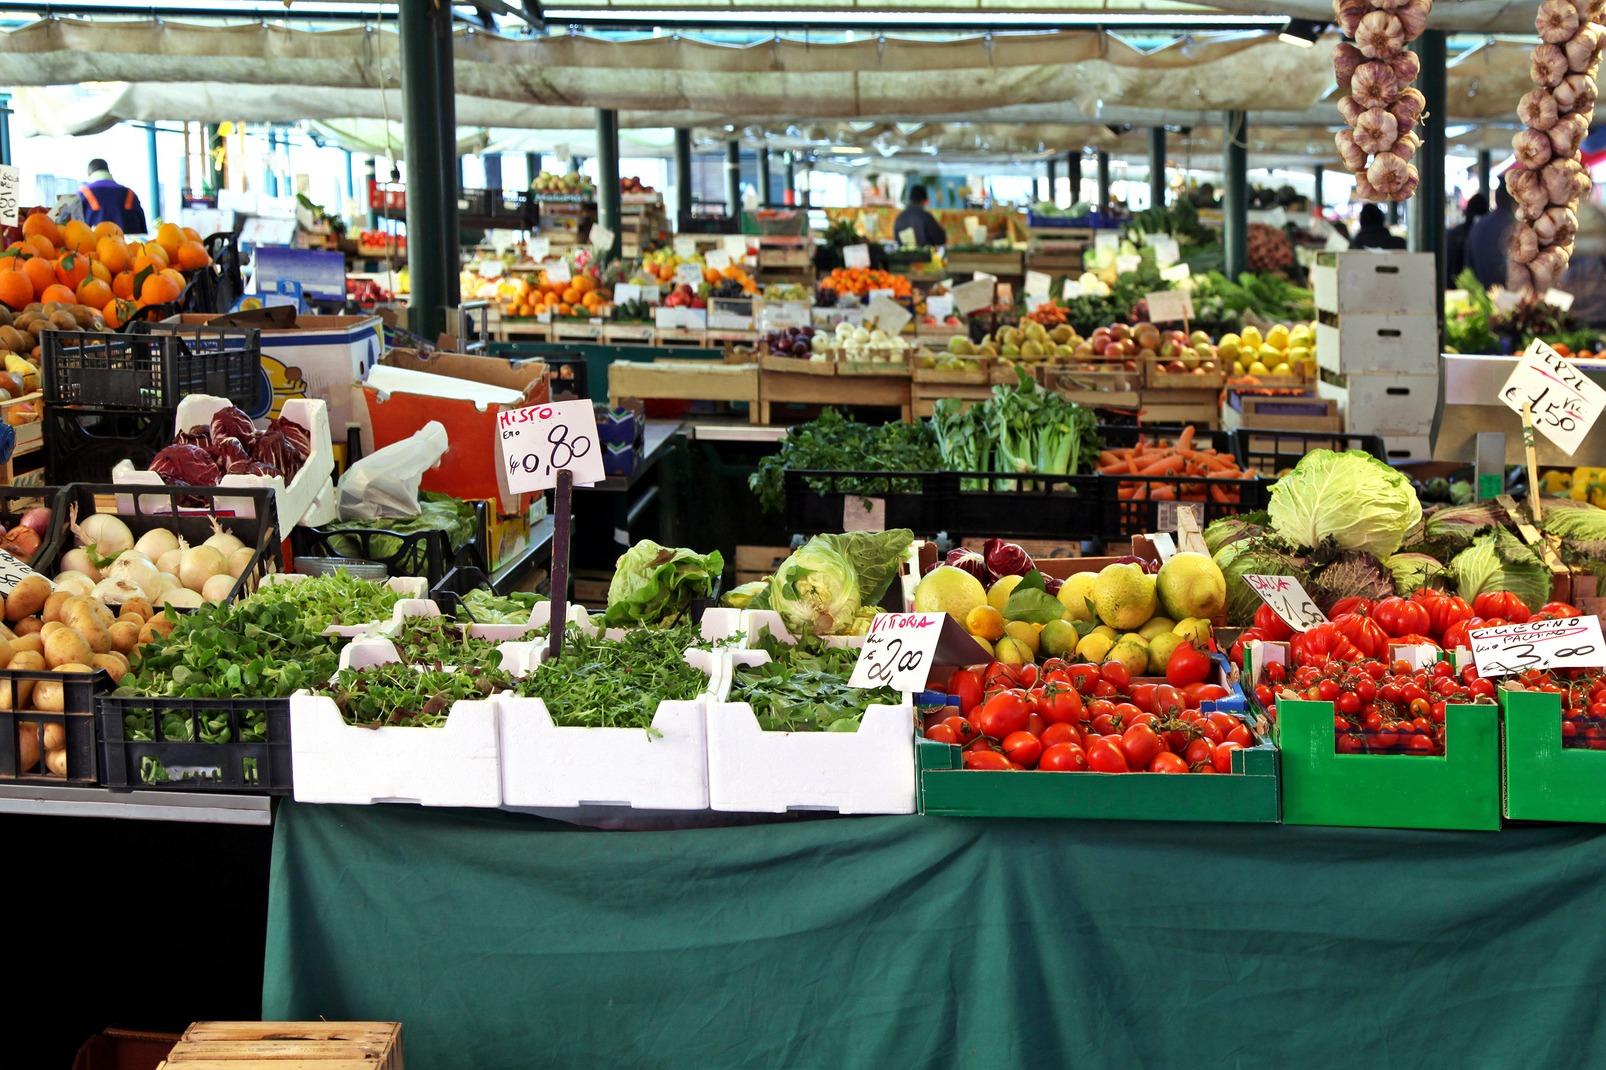 淺談農批市場的信息化:發展現狀、信息化動因和切入點